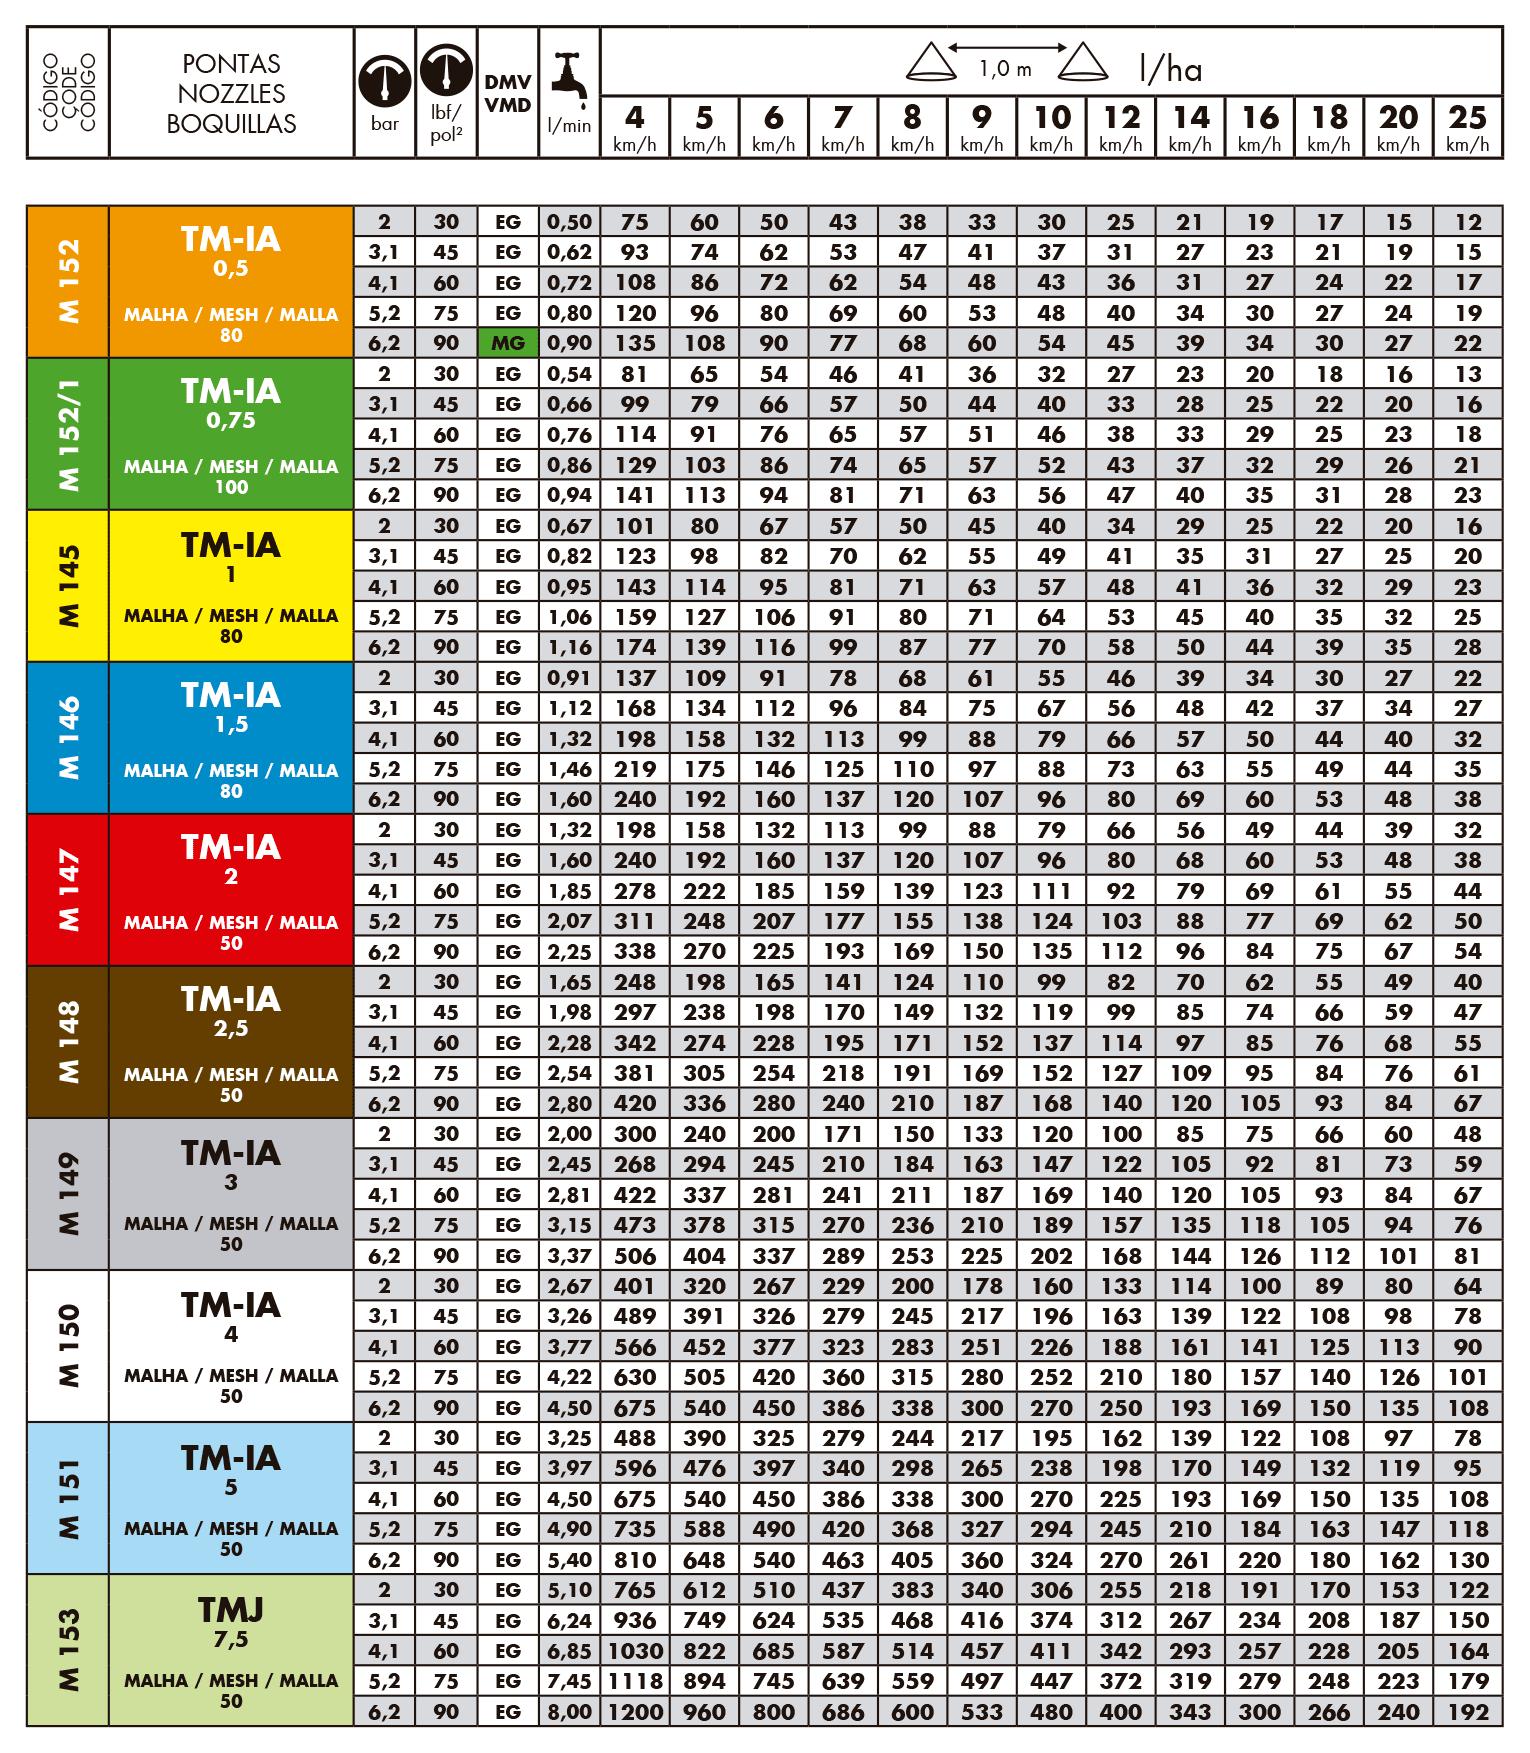 Tabela de vazão dos bicos de pulverização magnojet tmia